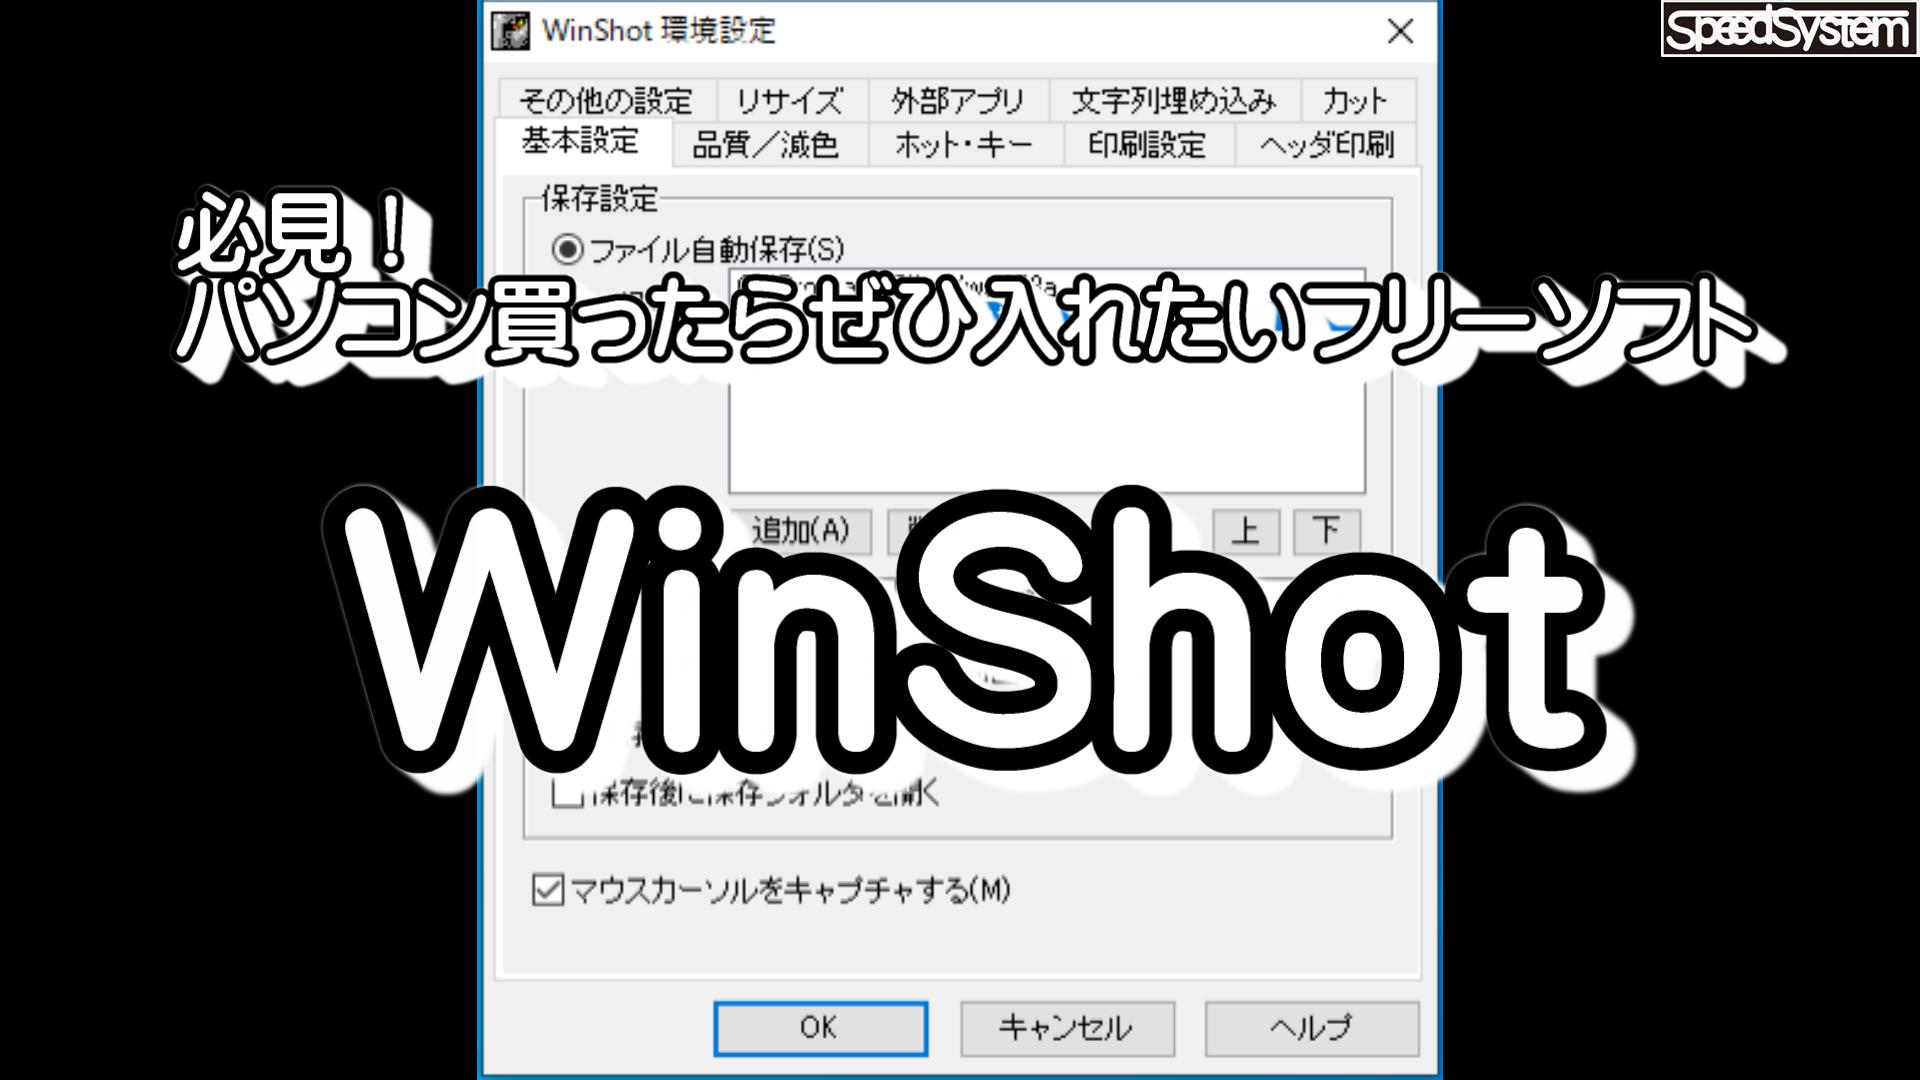 必見!パソコン買ったらぜひ入れたいソフト WinShot